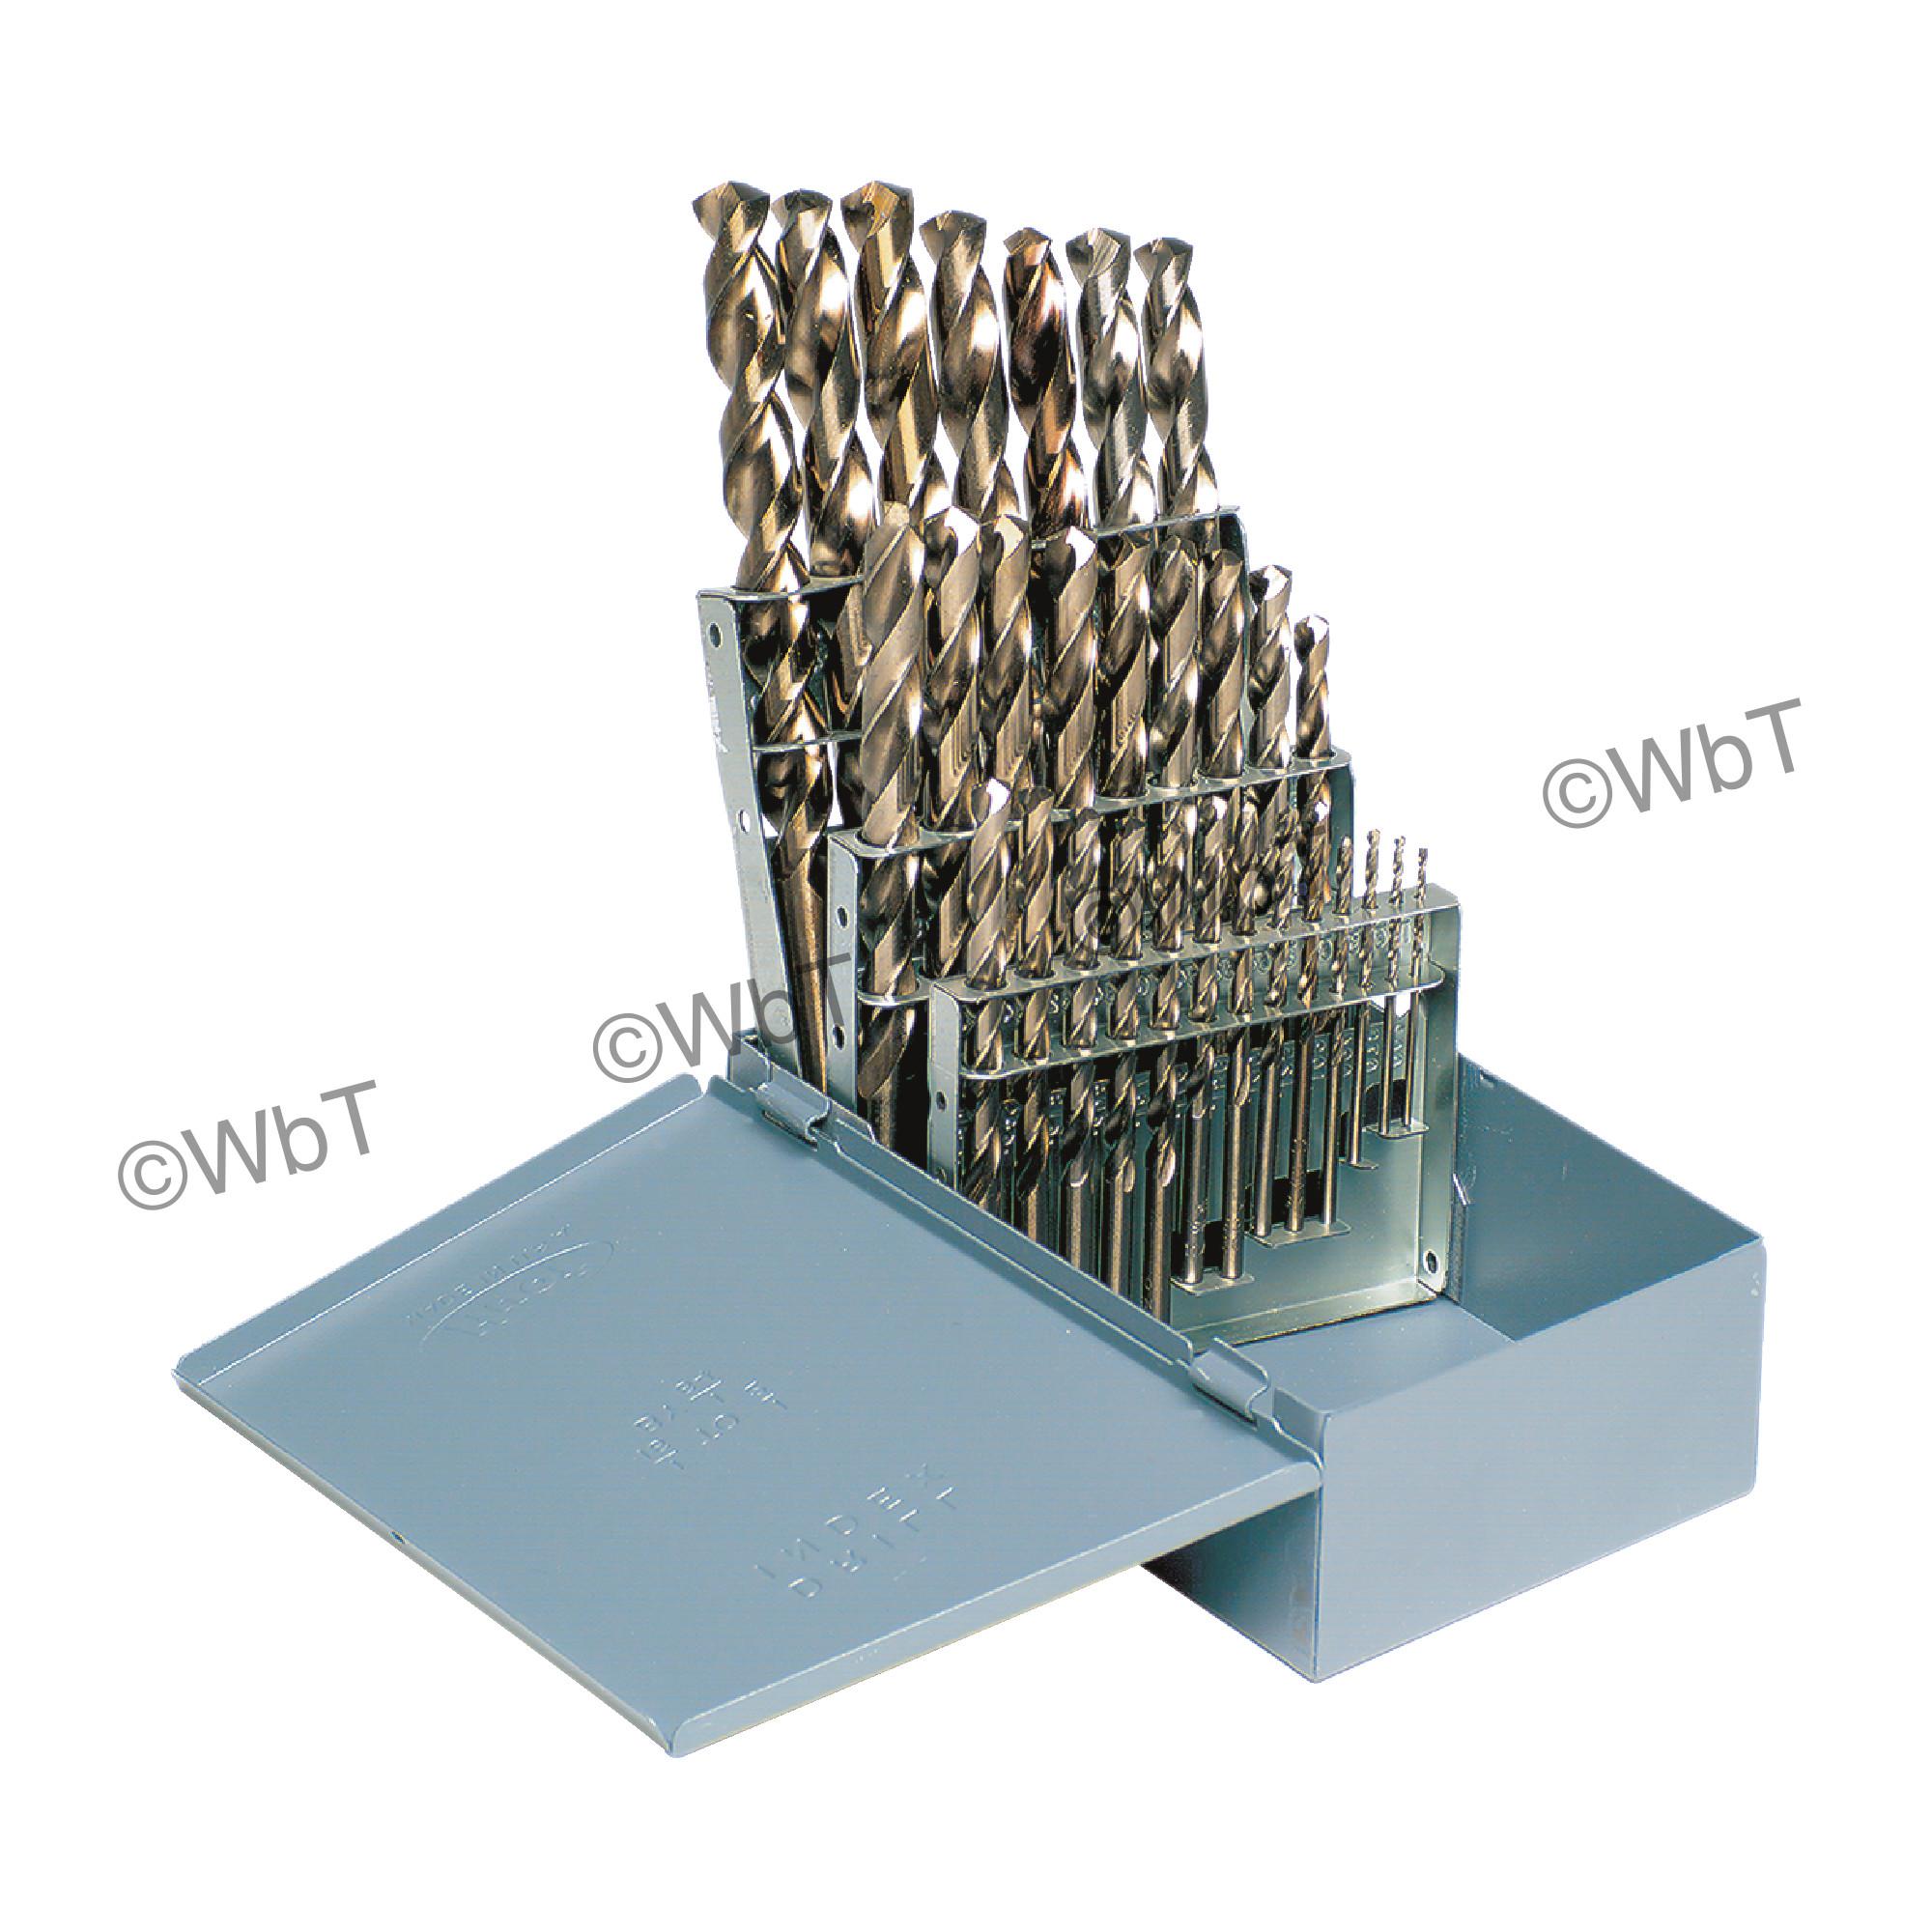 """1/16"""" - 1/2"""" x 64ths Cobalt Jobbers Length Twist Drill Set"""